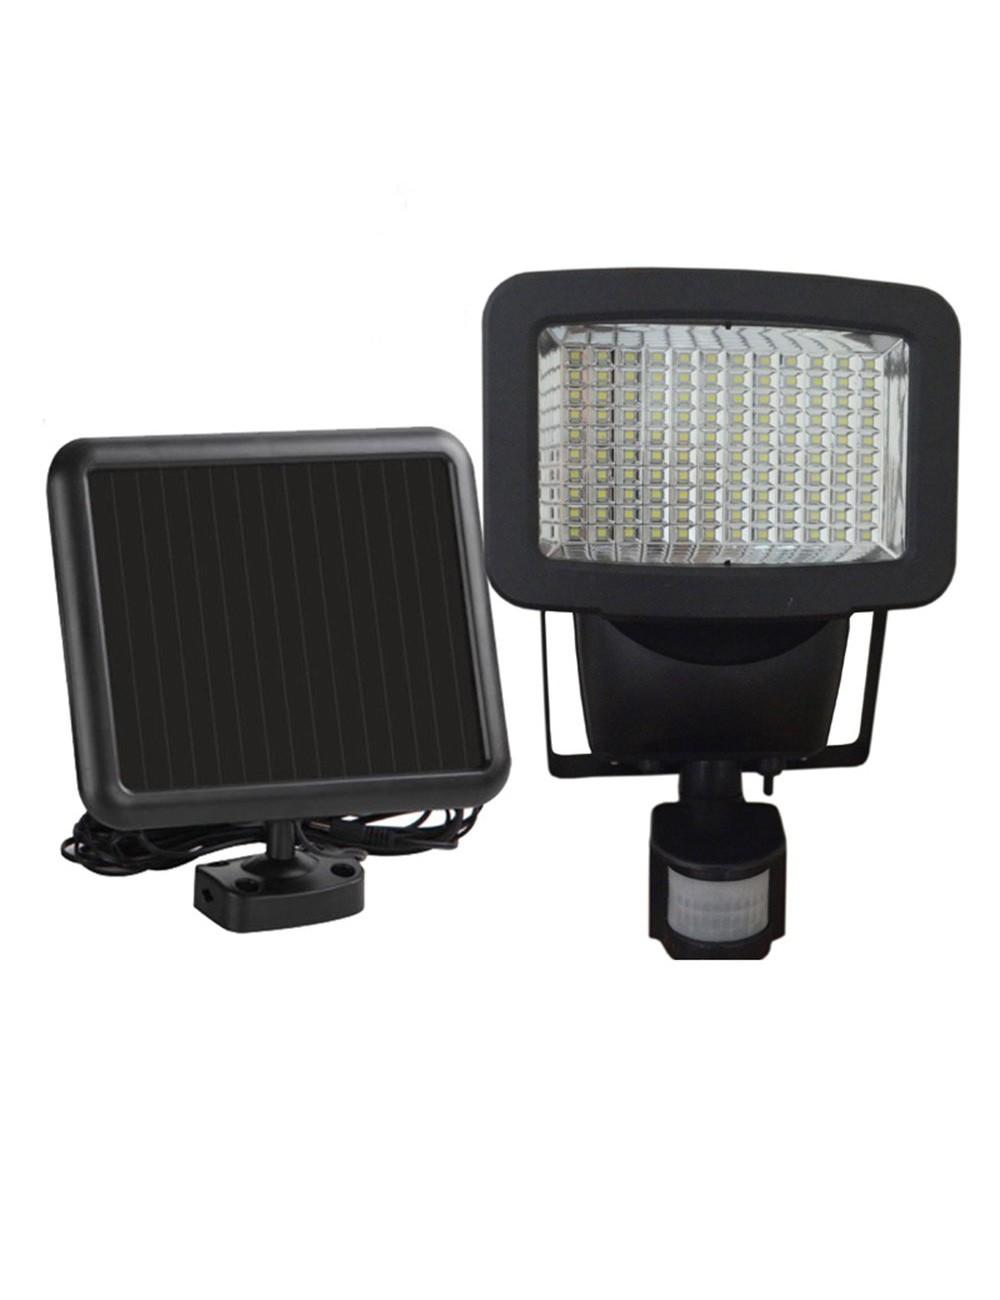 Faro con pannello solare con sensore di movimento 20w 120 for Led luce bianca